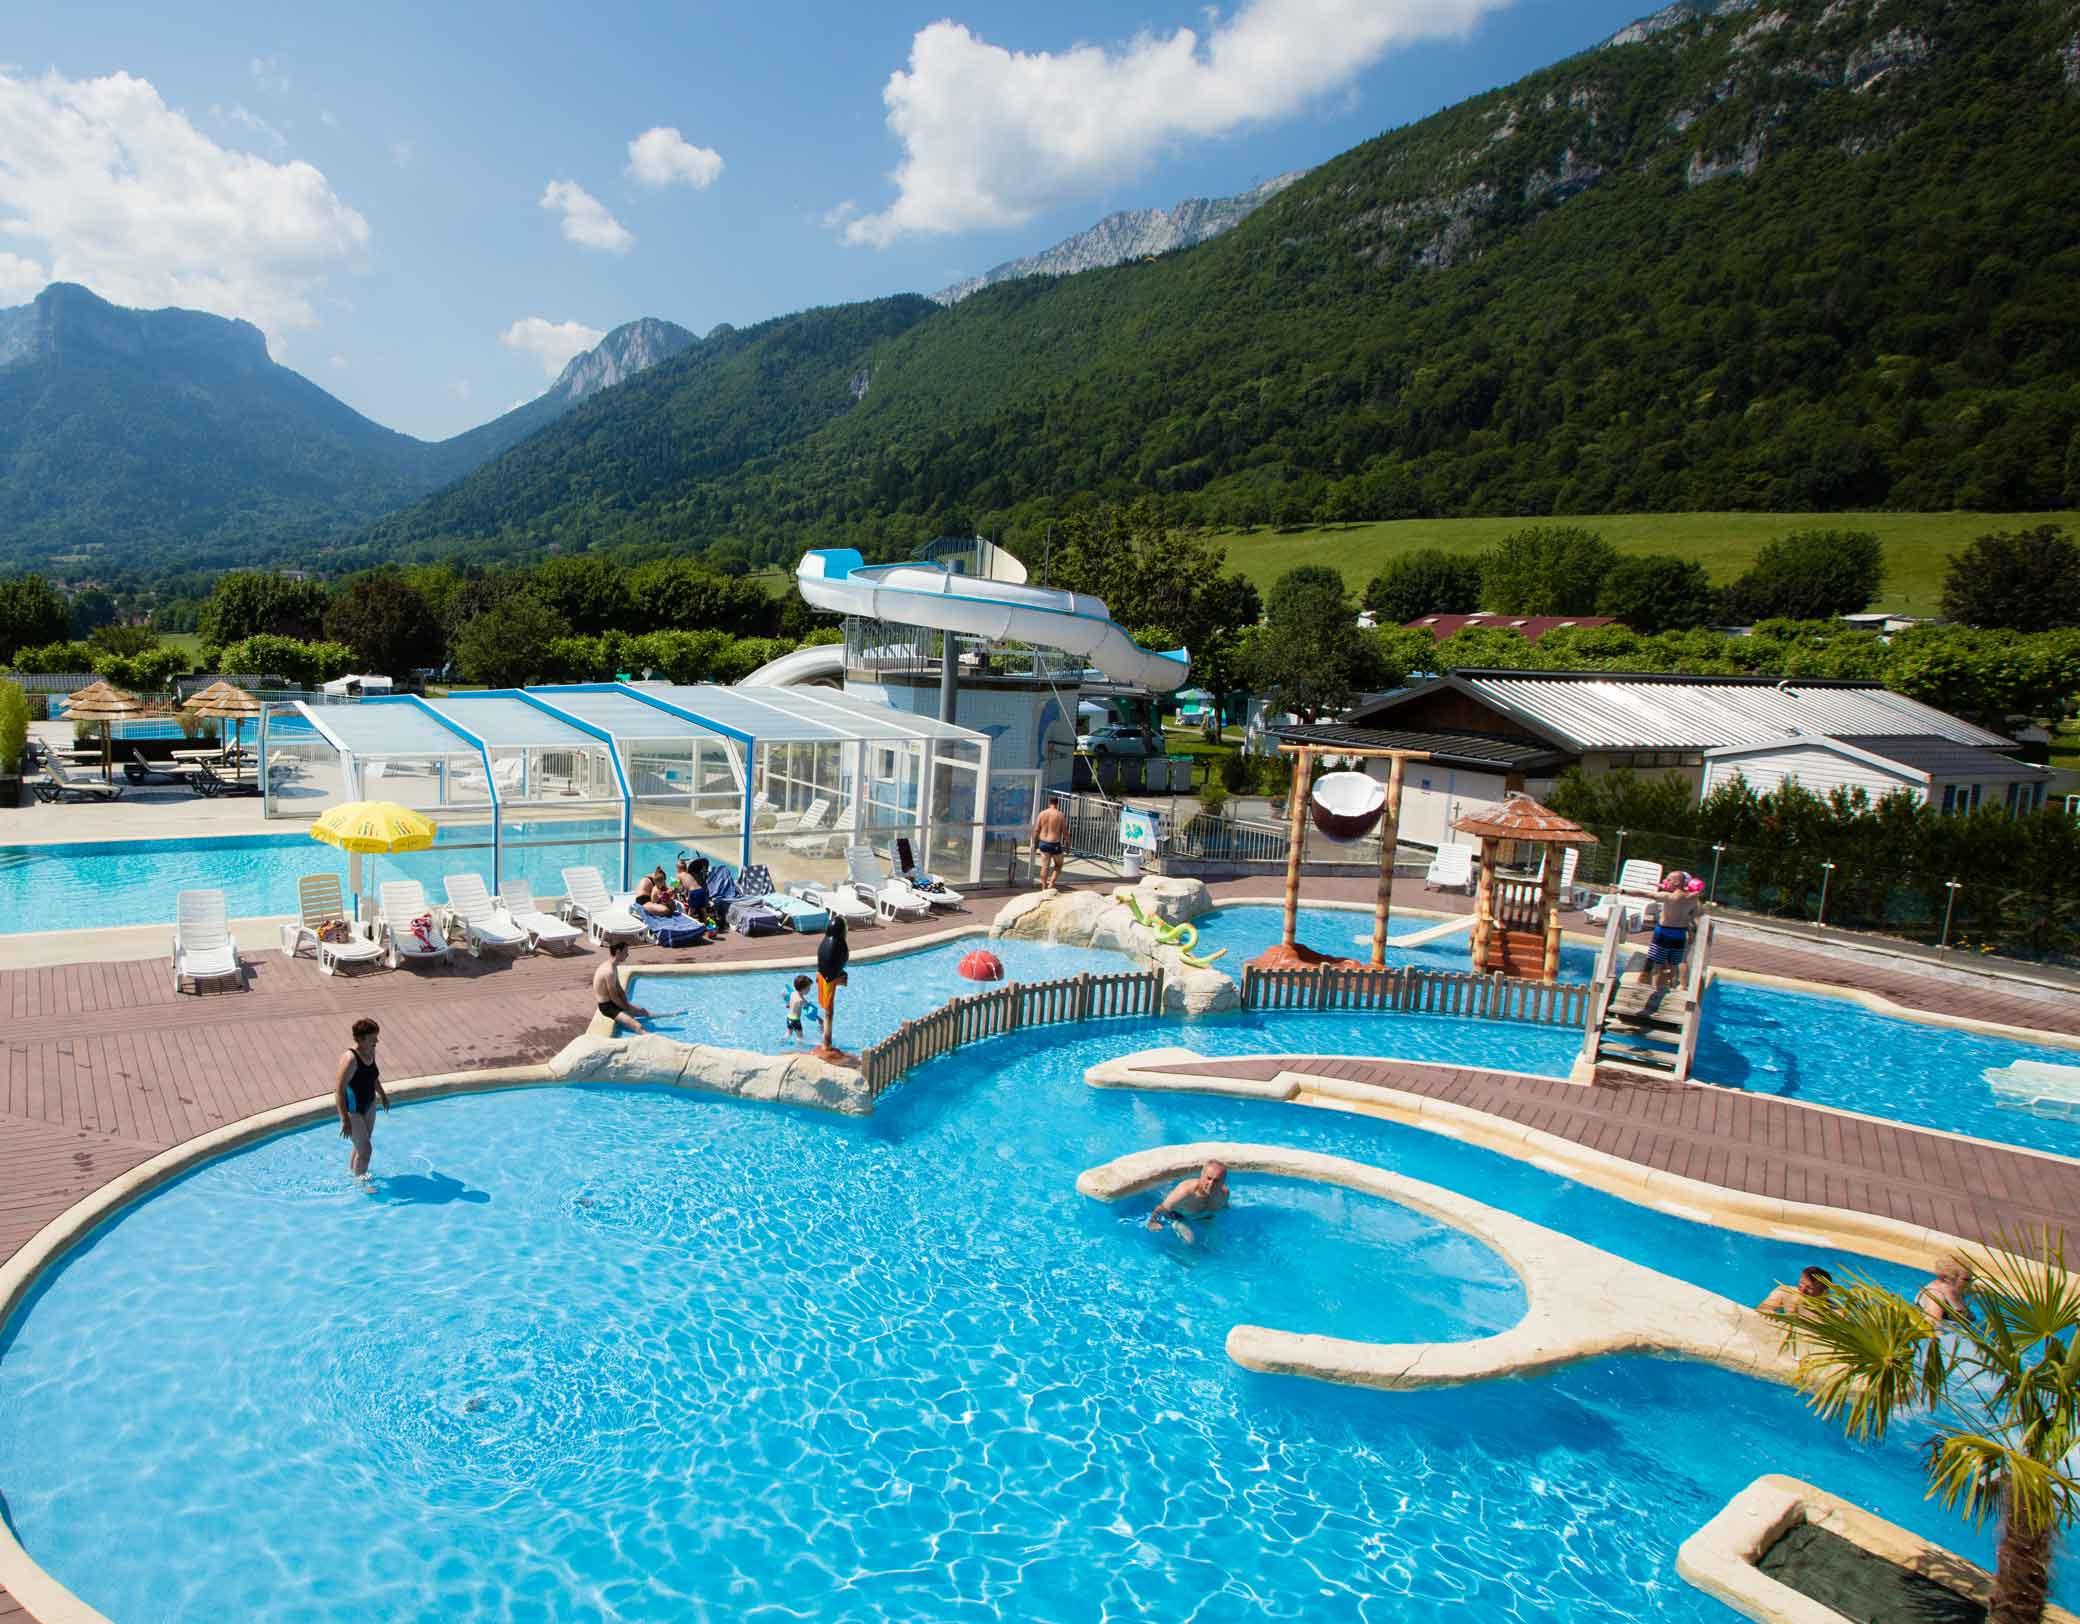 Camping L'idéal - Savoie Mont Blanc (Savoie Et Haute Savoie ... encequiconcerne Camping Lac Léman Avec Piscine